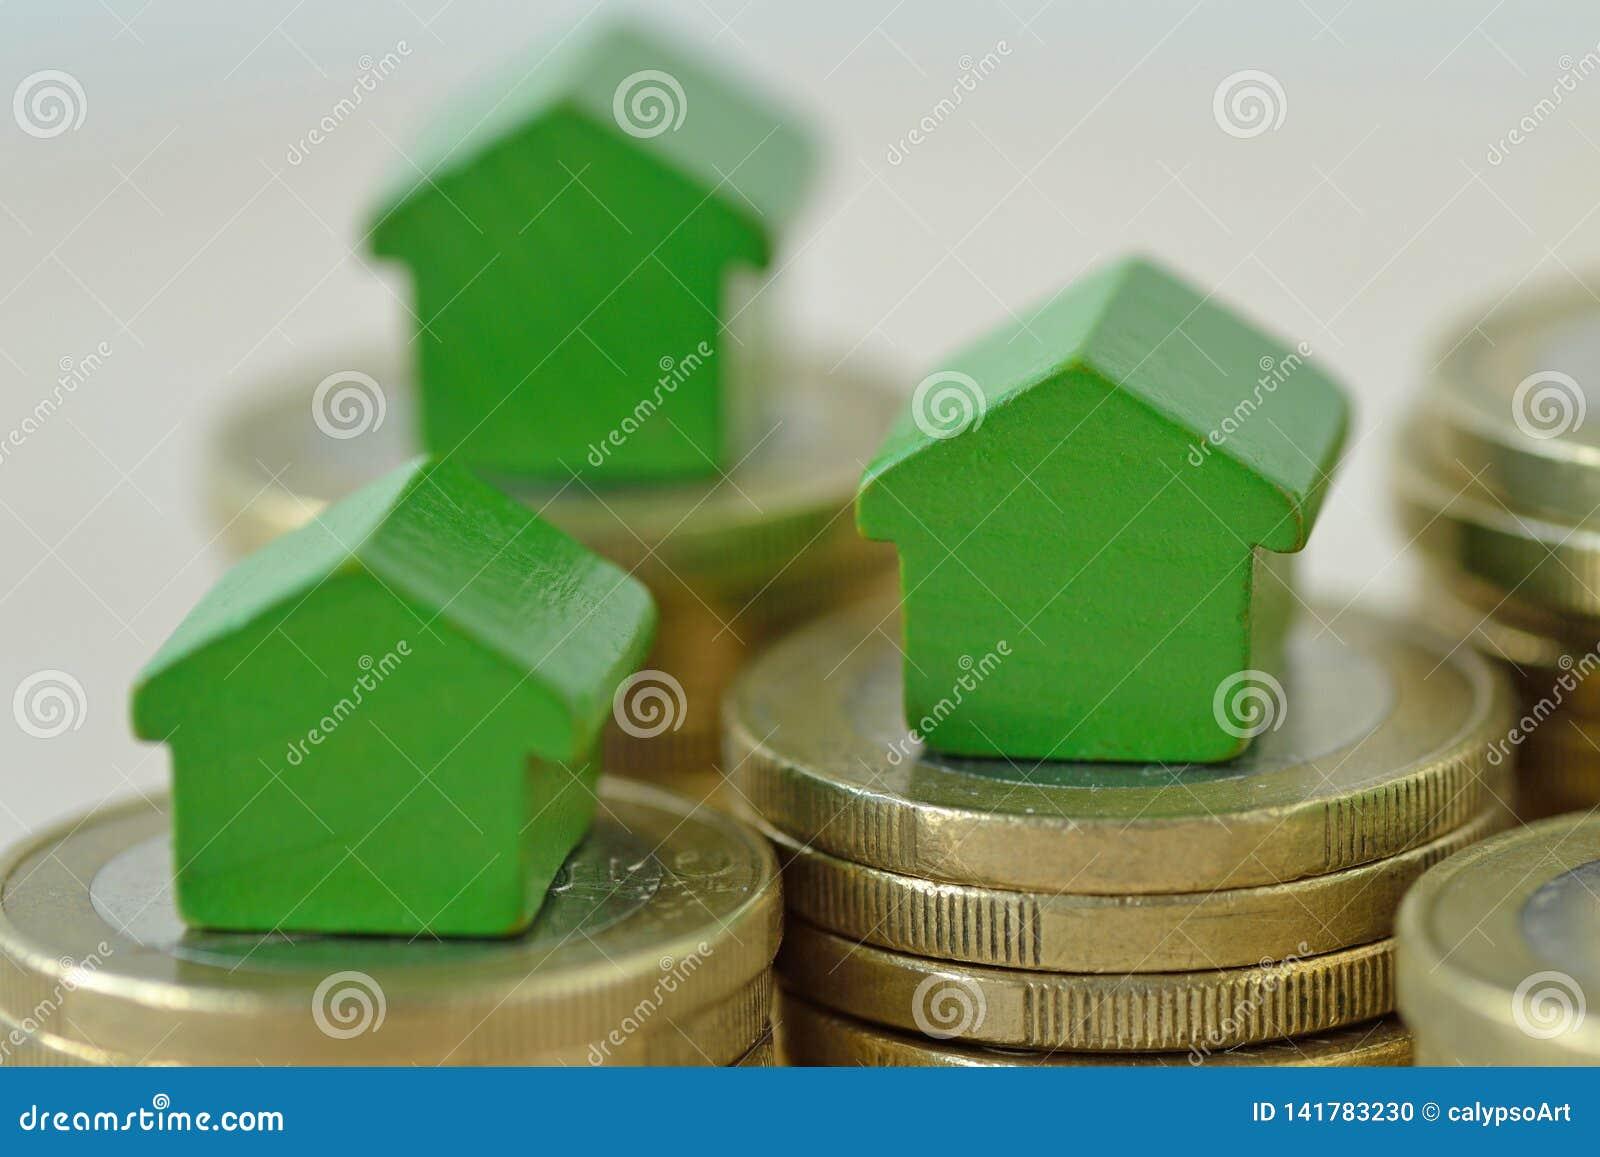 Casas miniatura verdes en las pilas de la moneda - concepto de inversión inmobiliaria, de hipoteca, de seguro casero y de préstam